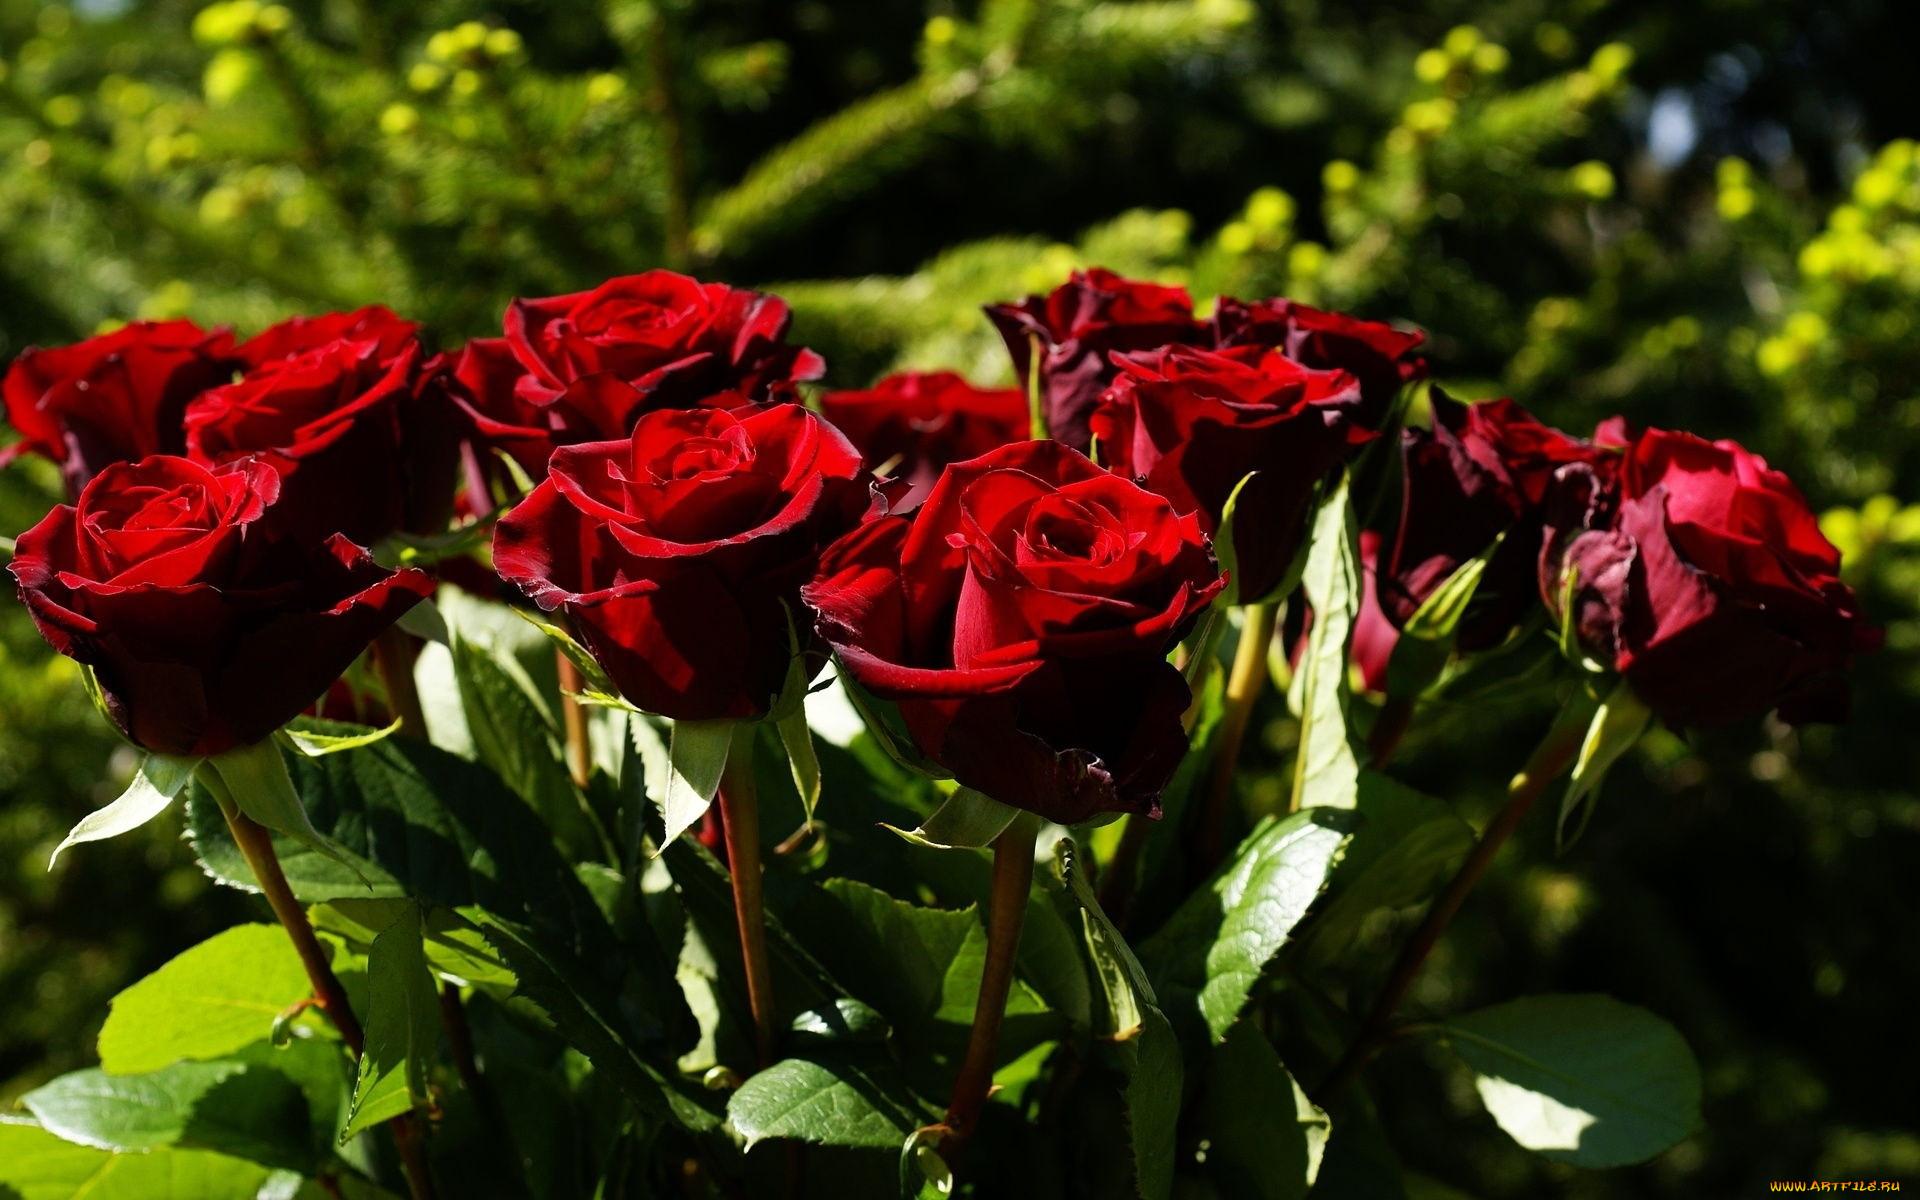 Фото одной большой розы могут